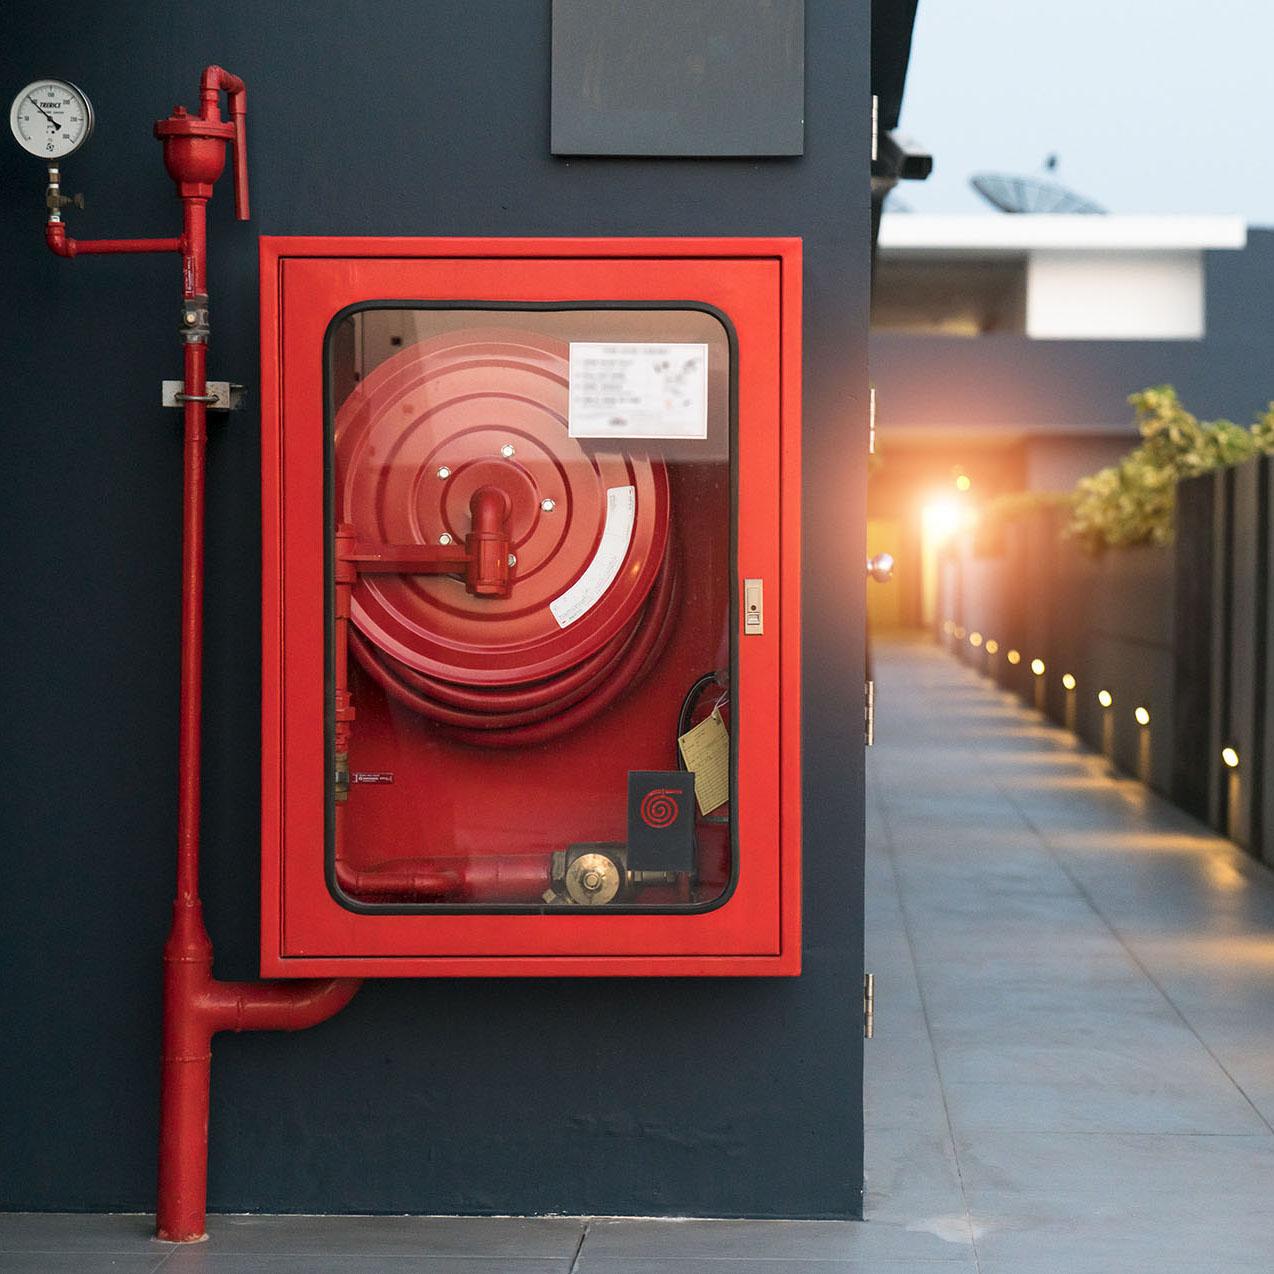 Проверка работоспособности пожарного крана